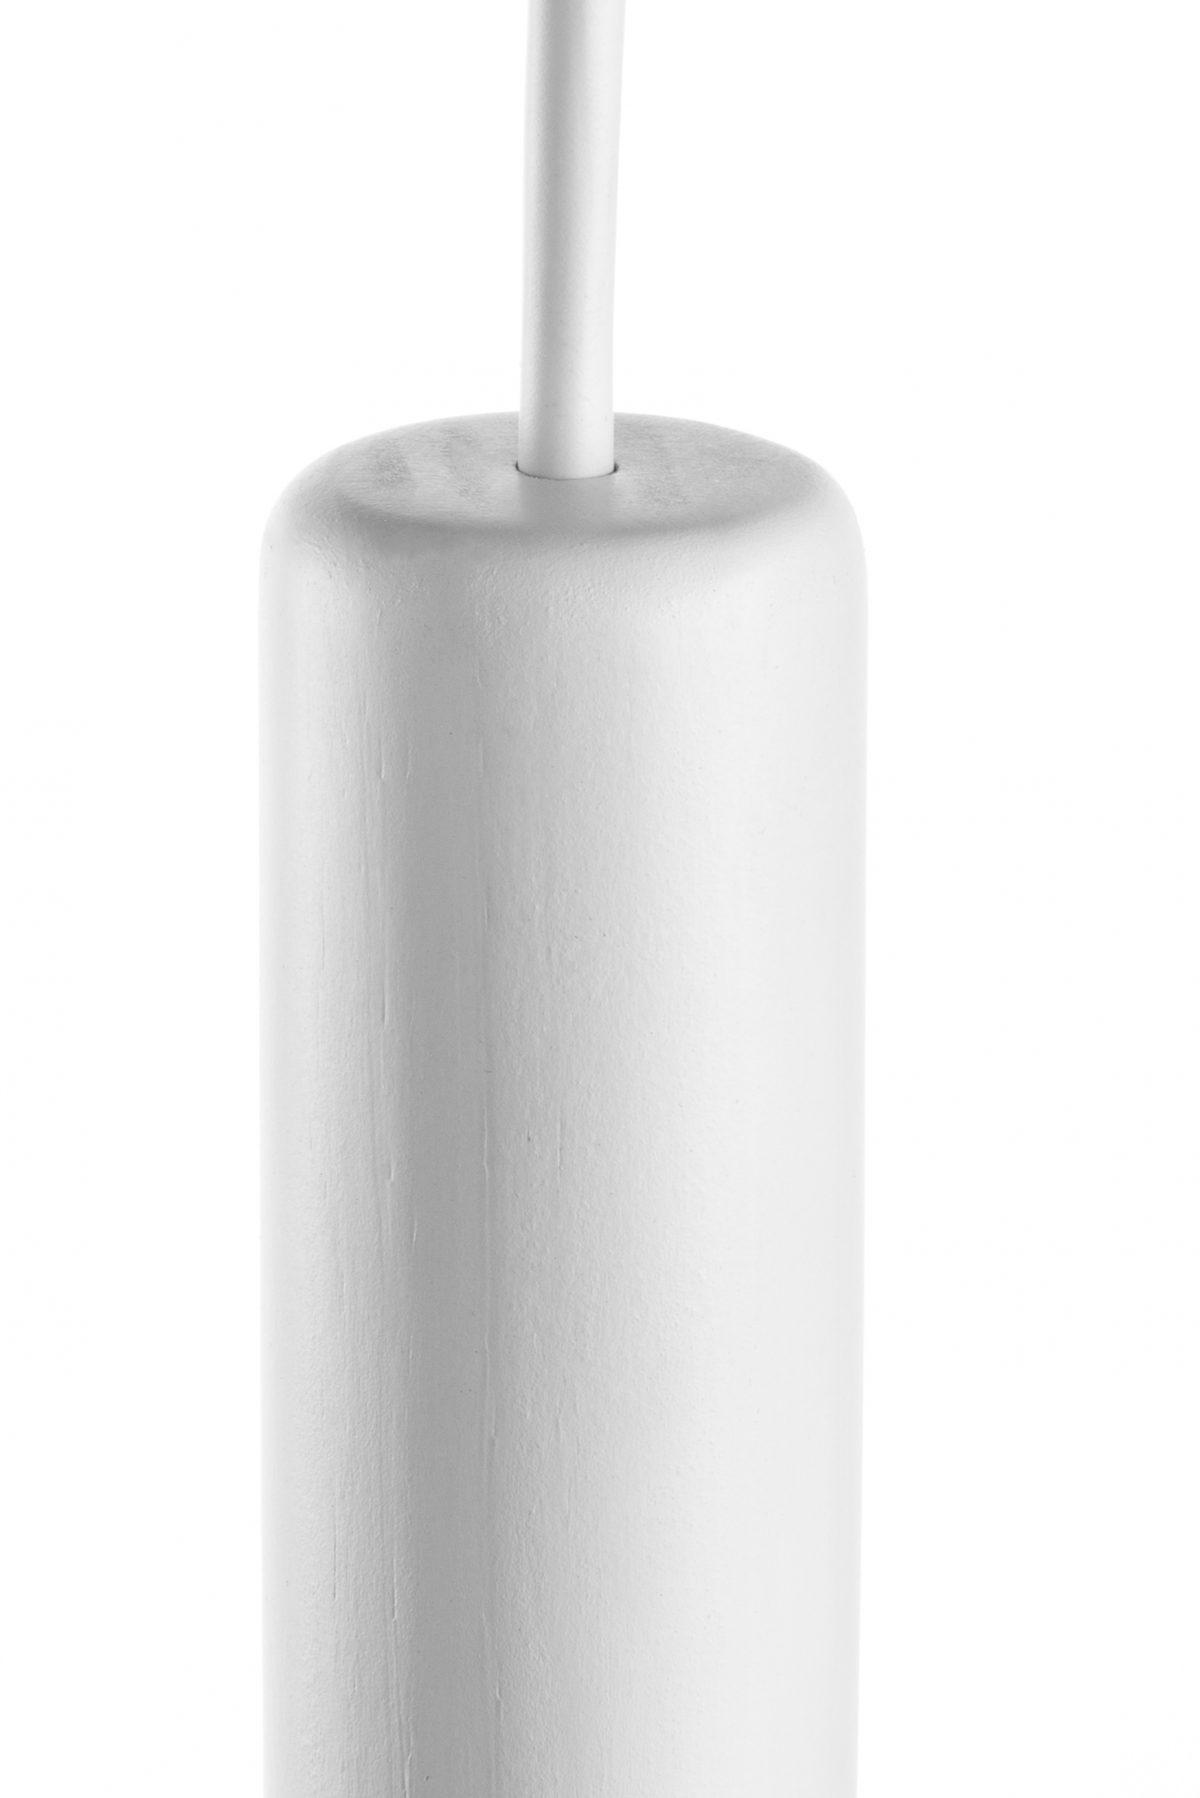 Reinier De Jong Stilst Hanglamp Mini Wit Gimmii